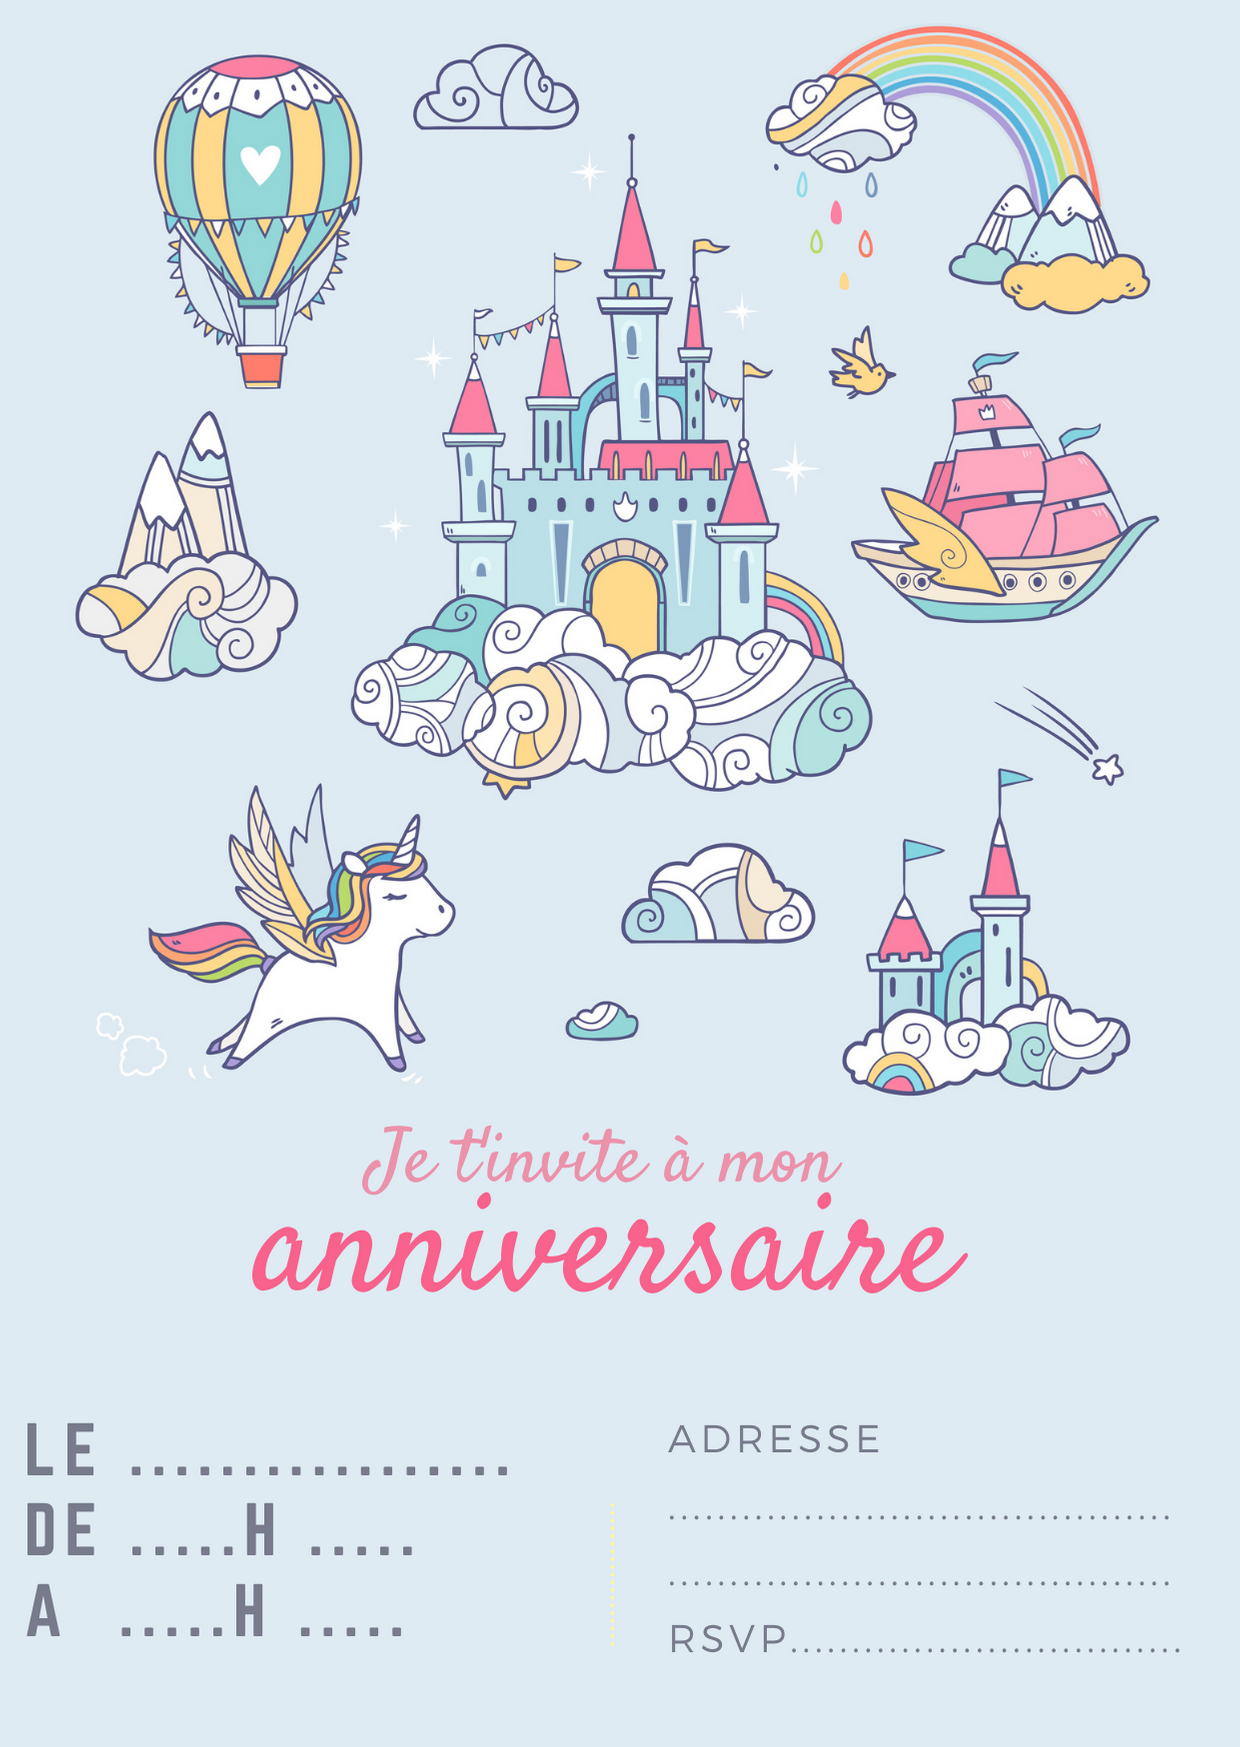 Cartes D'Invitation Pour Des Anniversaires De Licorne dedans Invitation Anniversaire Carte D Embarquement